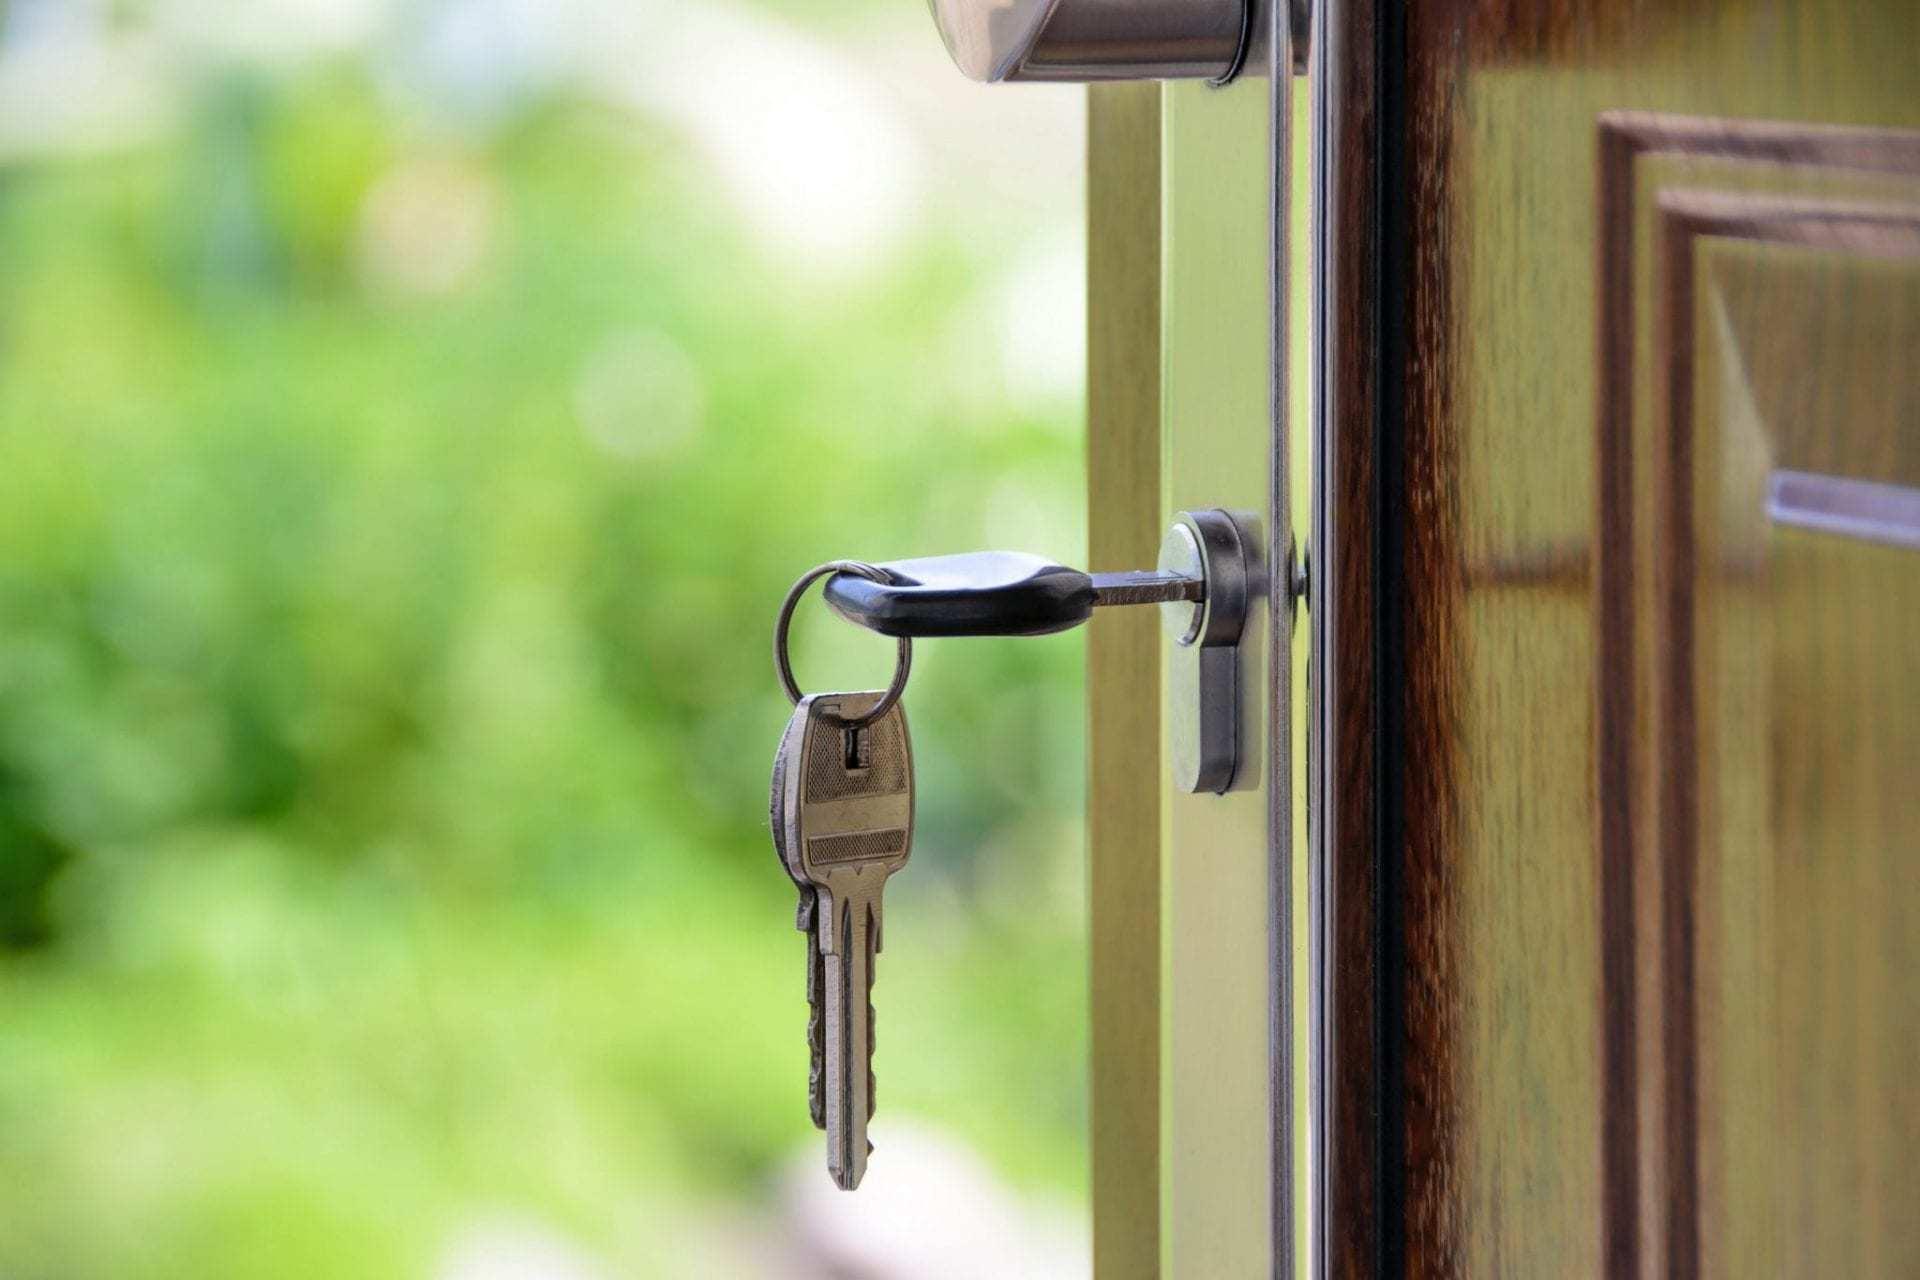 deurscharnieren smeren